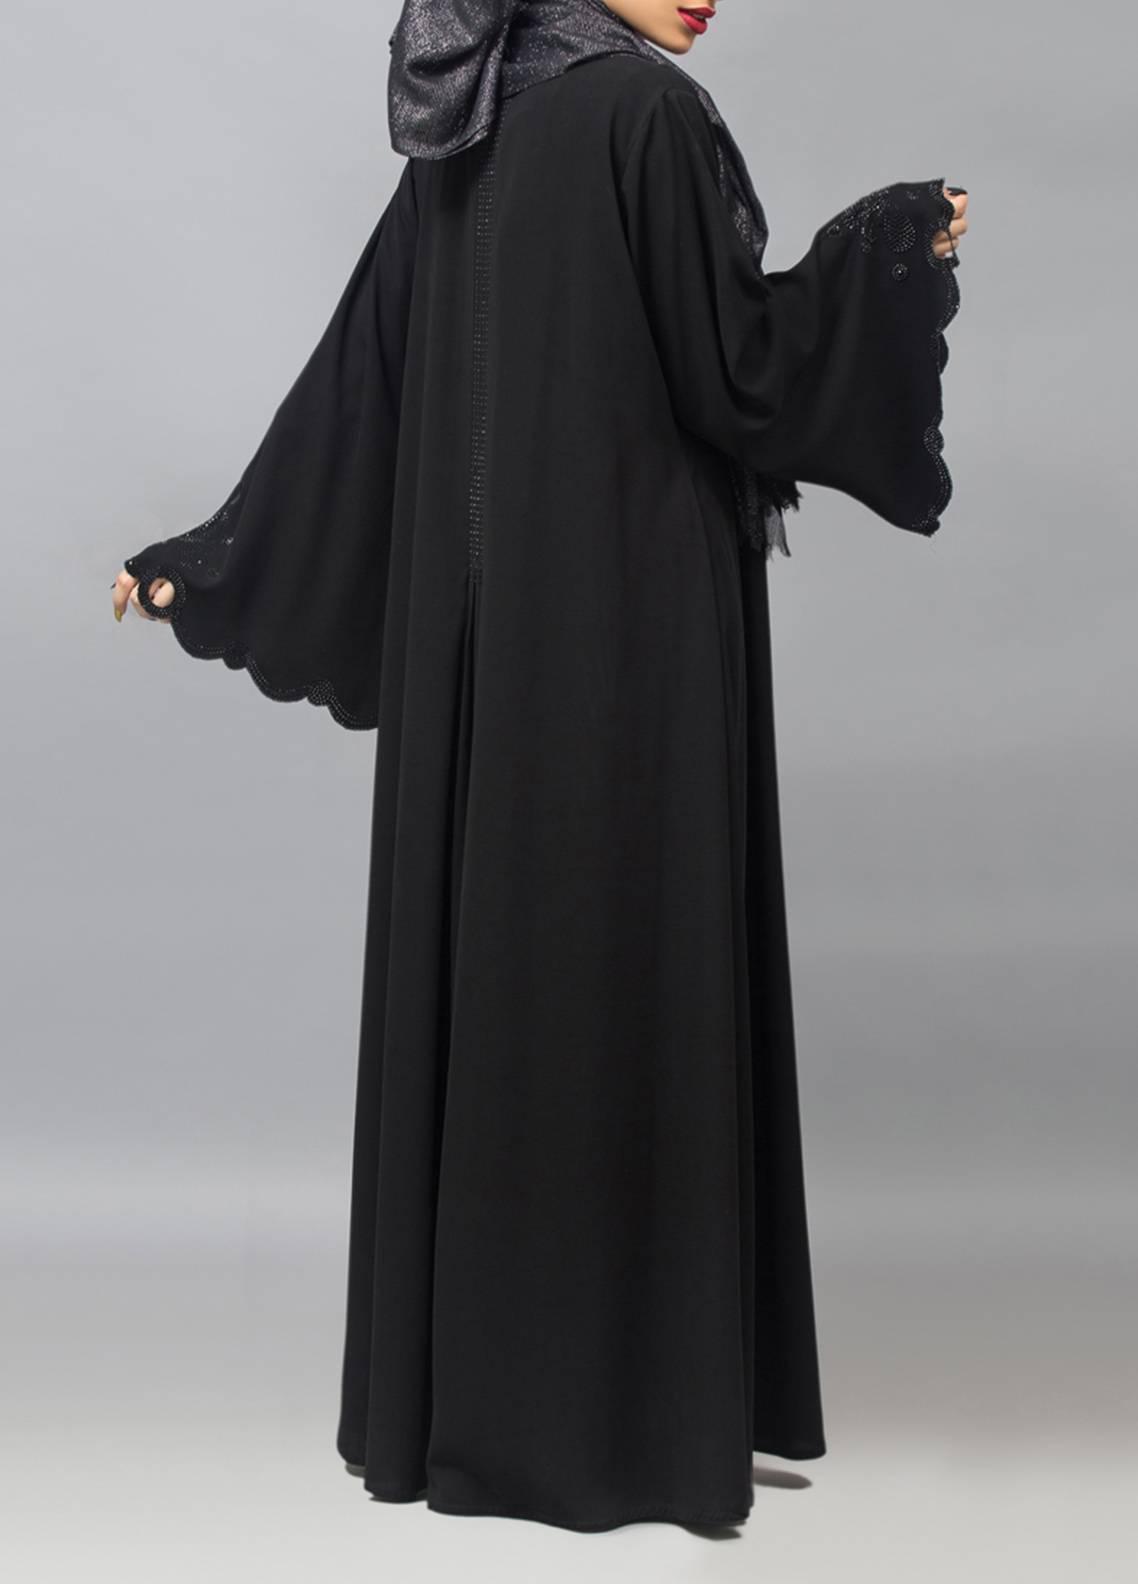 Hijab ul Hareem Front Open Style Stitched Abaya 0121-C-946